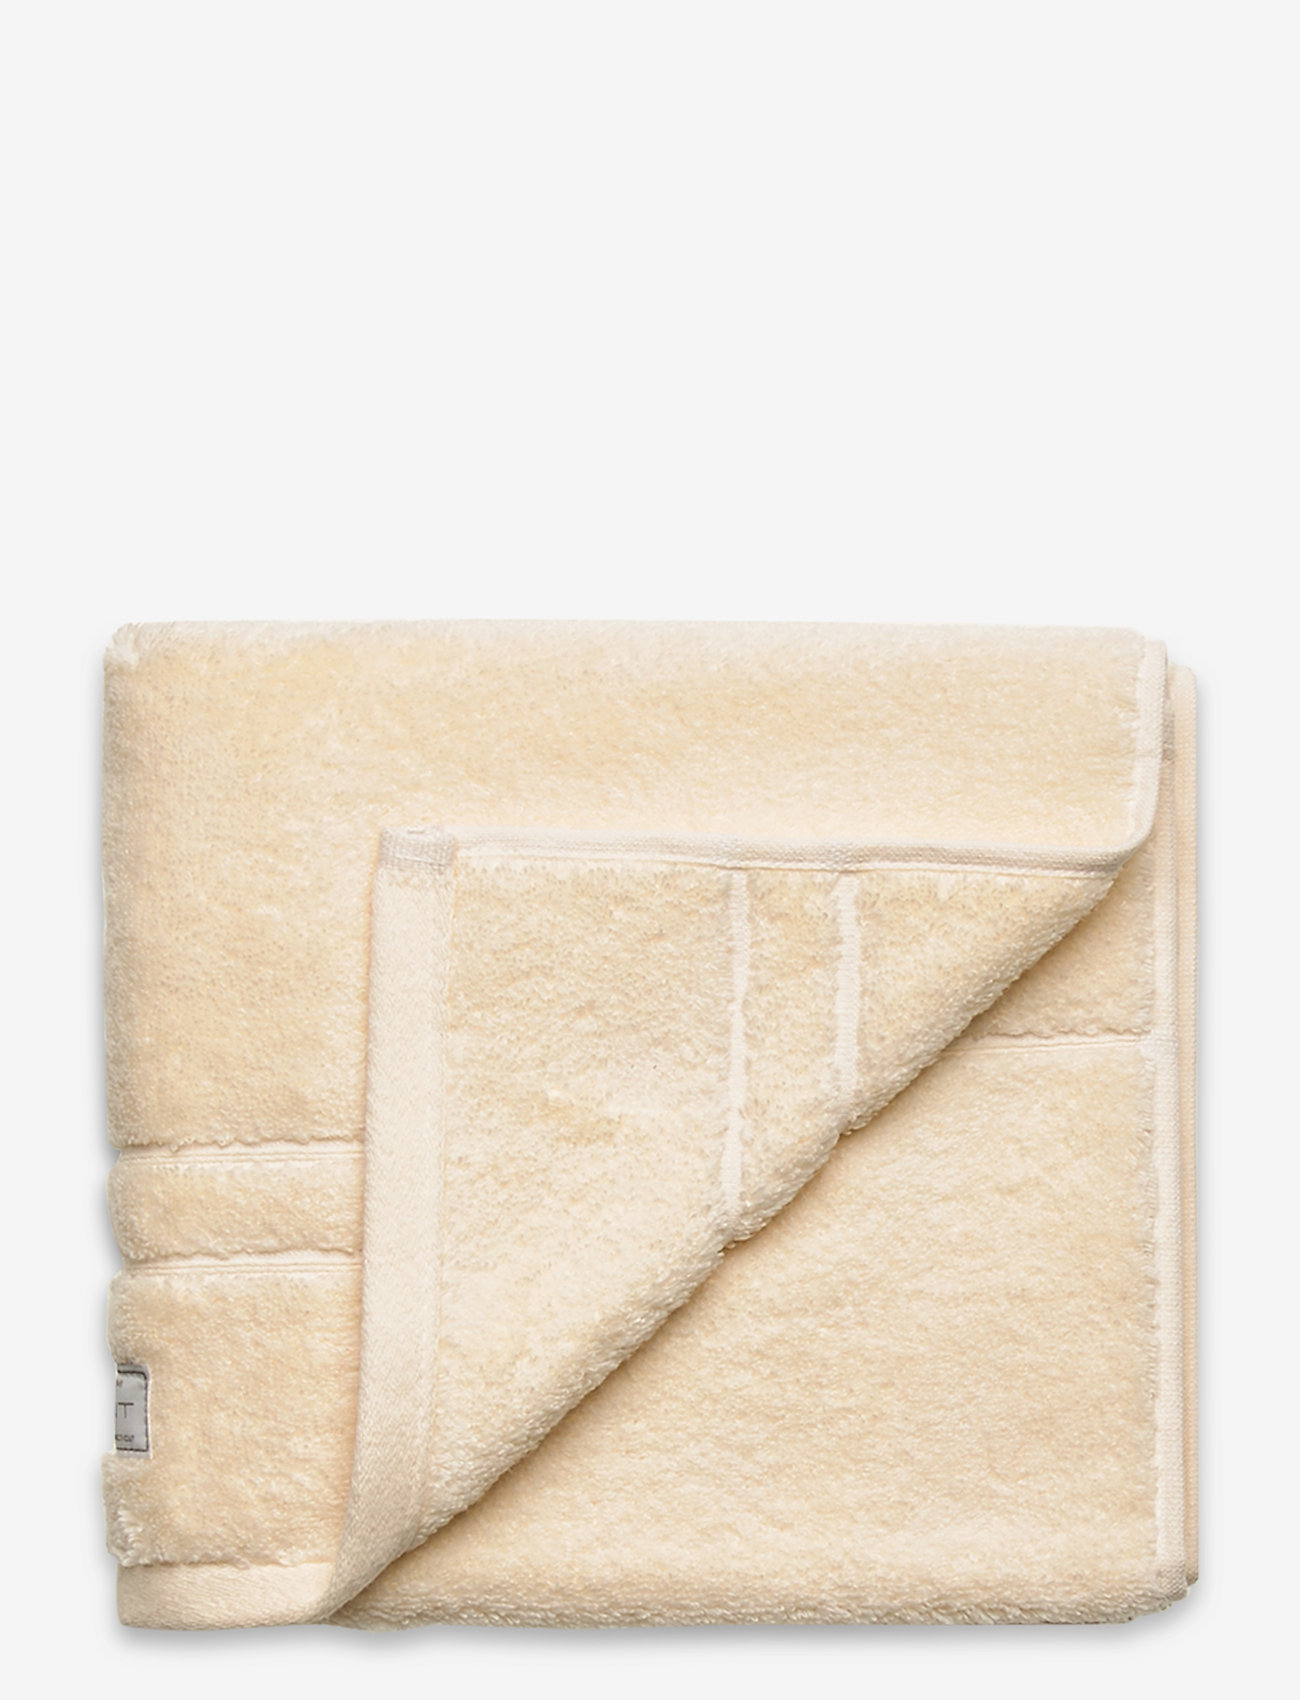 GANT - ORGANIC PREMIUM TOWEL 50X70 - pyyhkeet & kylpypyyhkeet - eggshell - 0